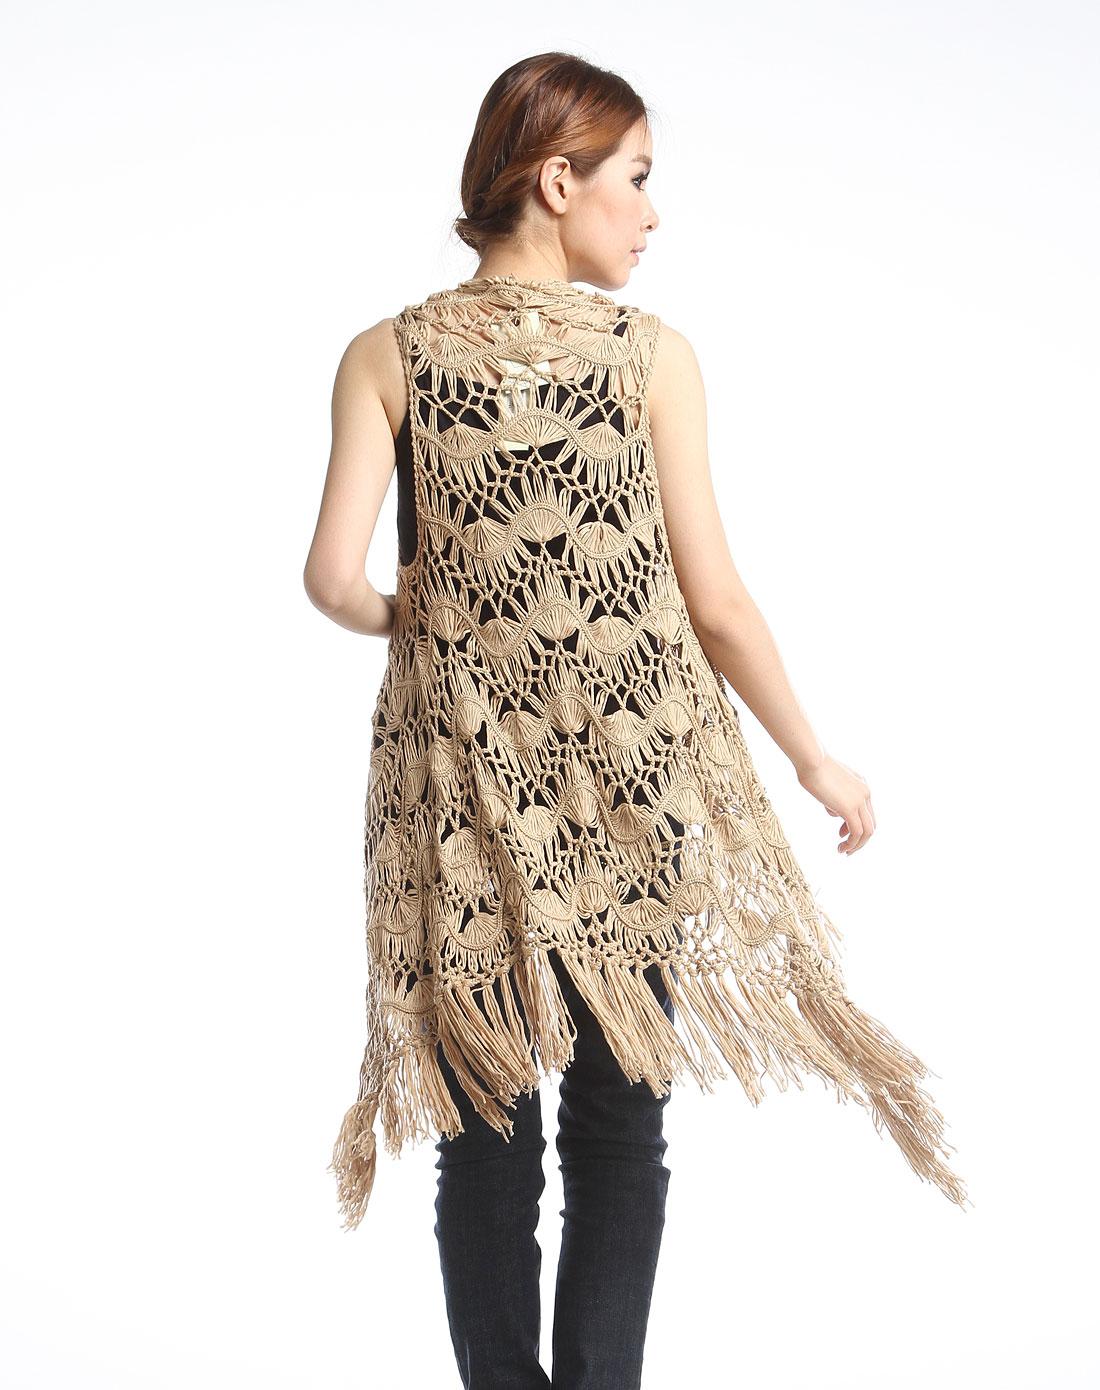 连衣裙 裙 1100_1390 竖版 竖屏